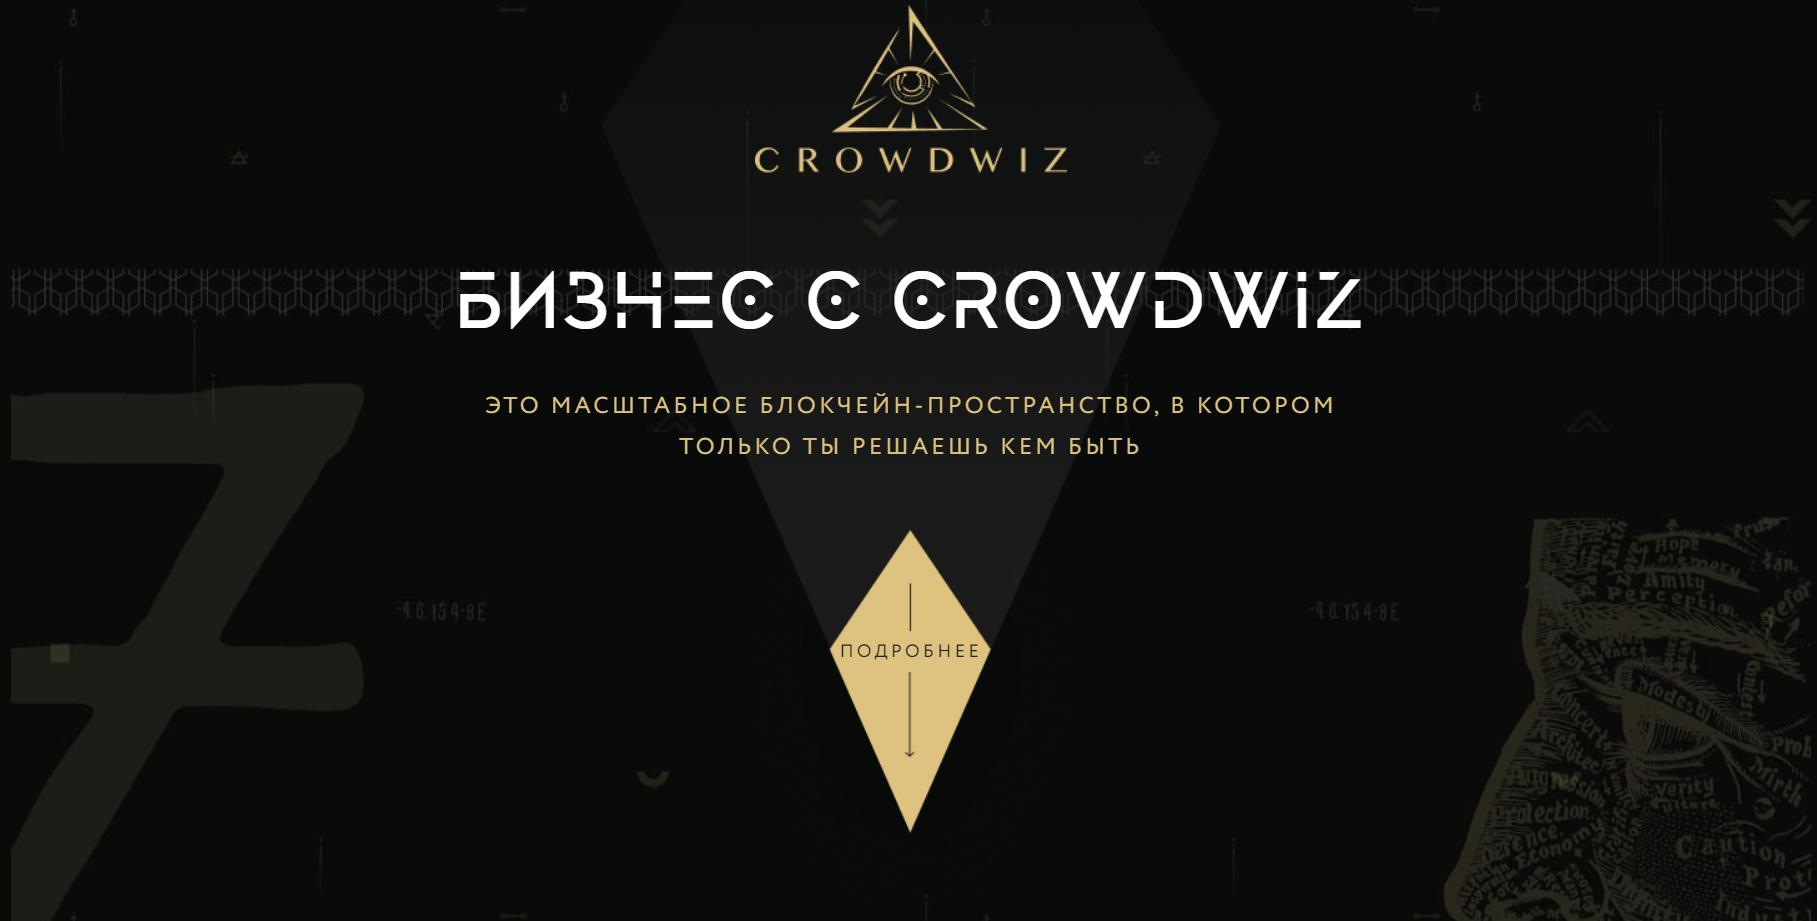 Вся информация о CrowdWiz, Фото № 5 - 1-consult.net